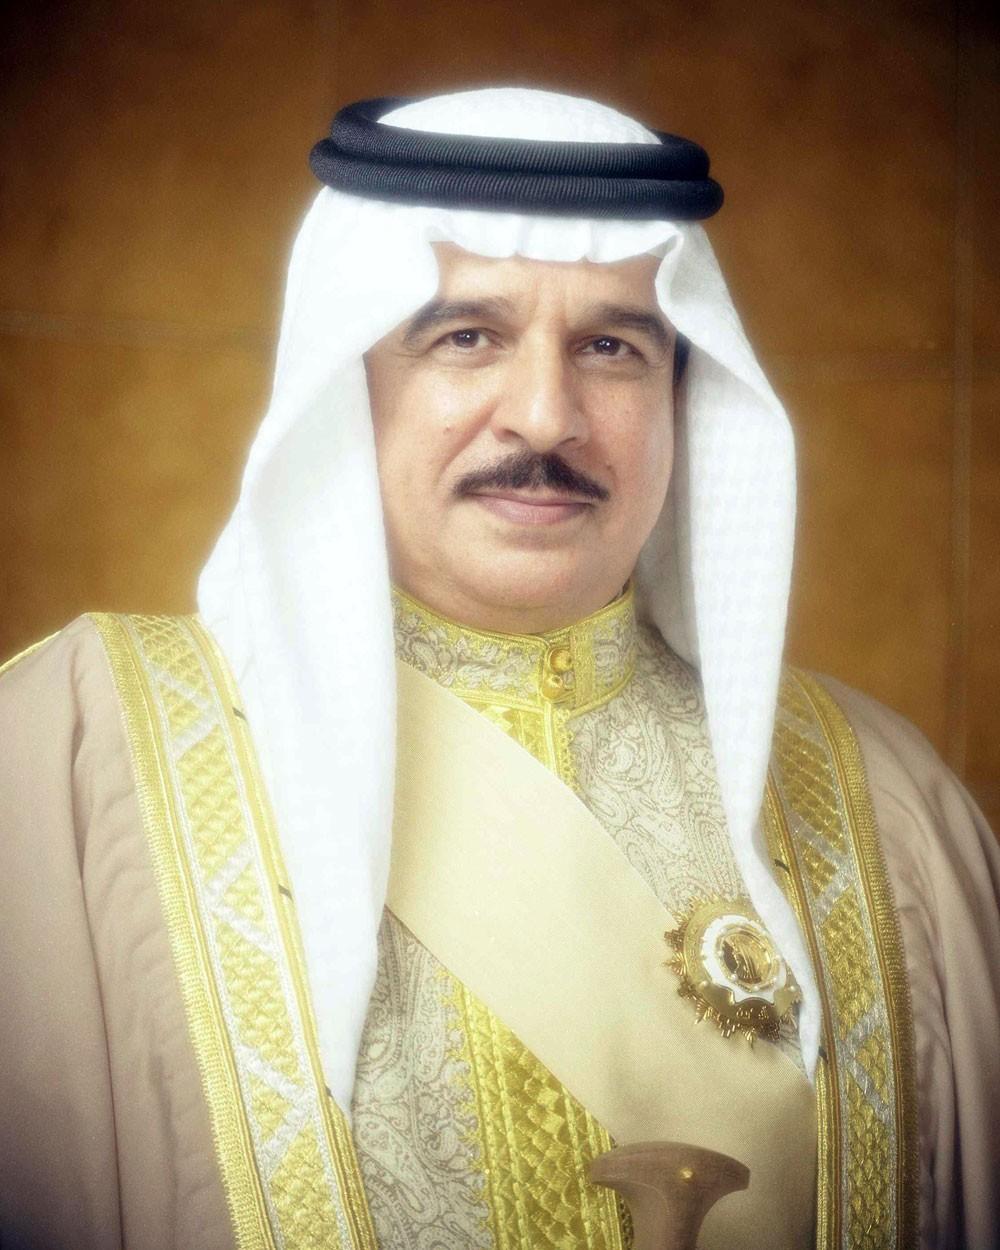 جلالة الملك يؤكد حرصه على ترسيخ استقلالية القضاء ودعمه بالكوادر المؤهلة